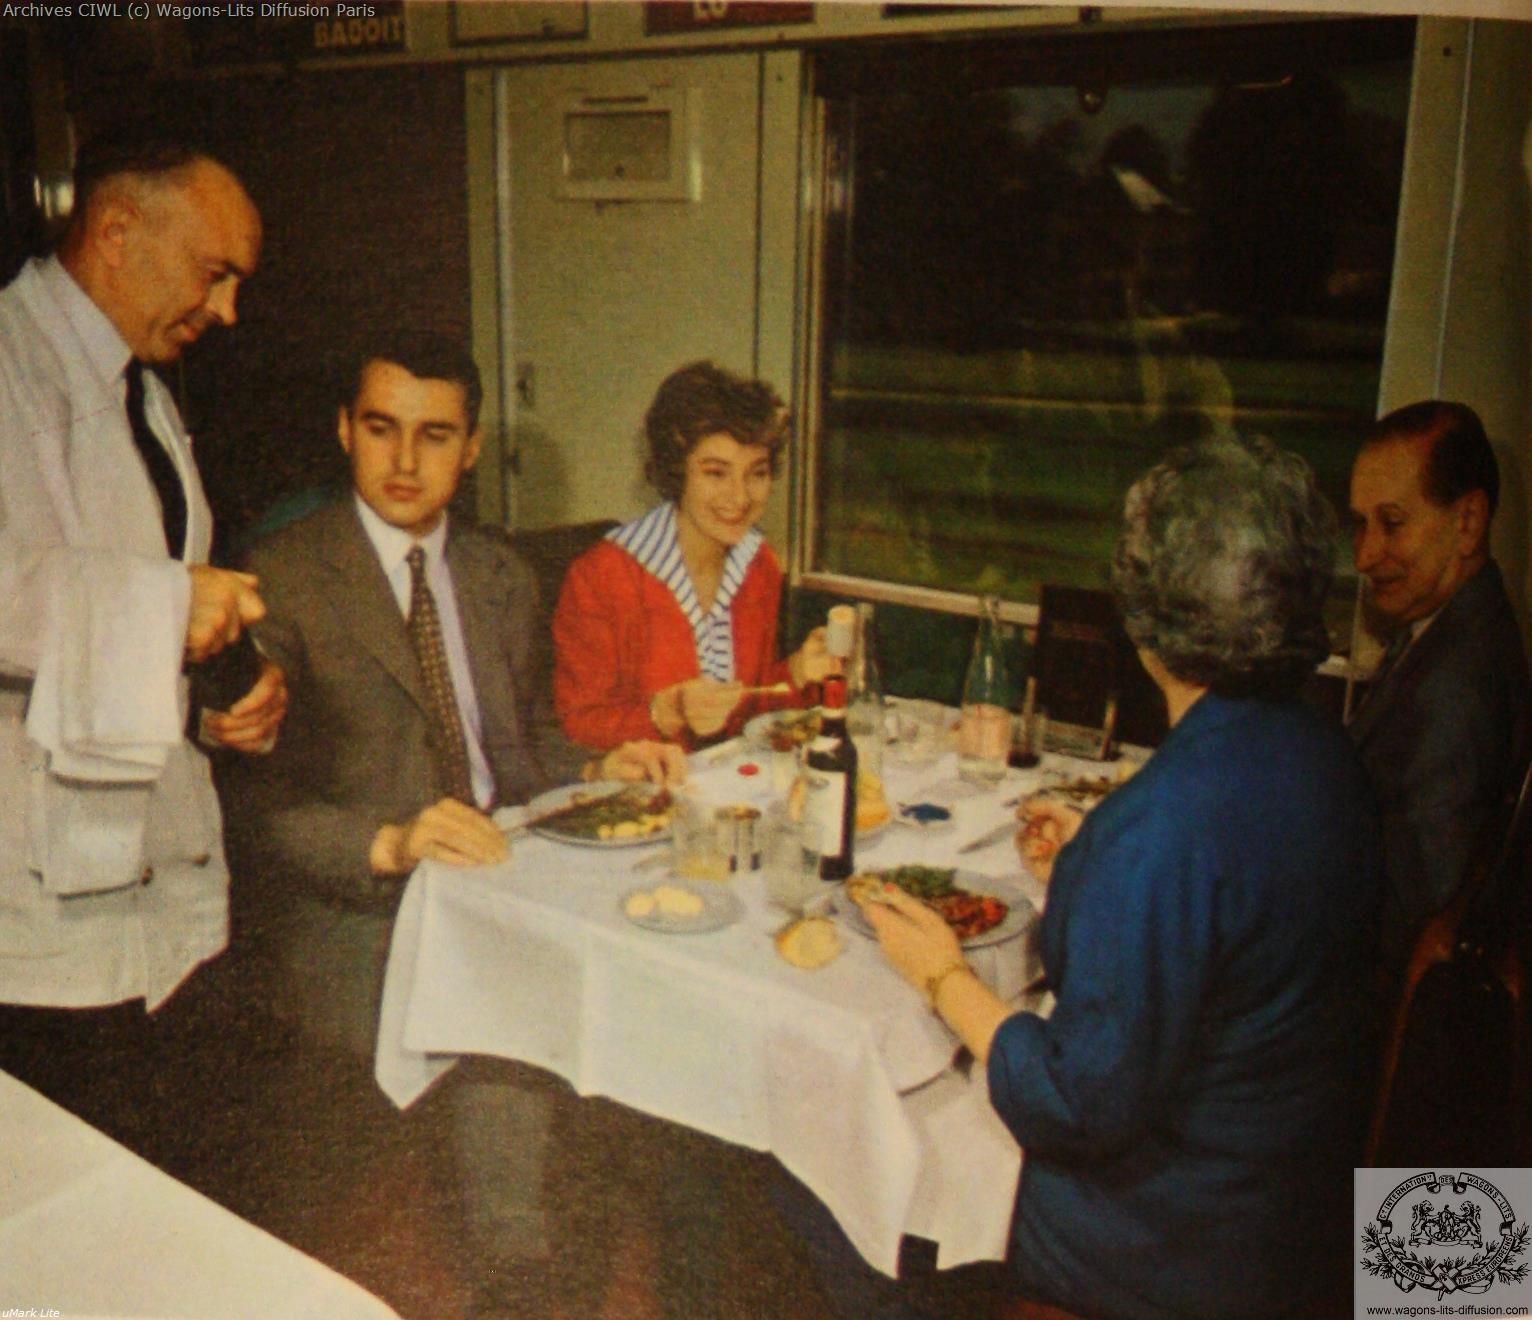 Wl pub voiture restaurant 4